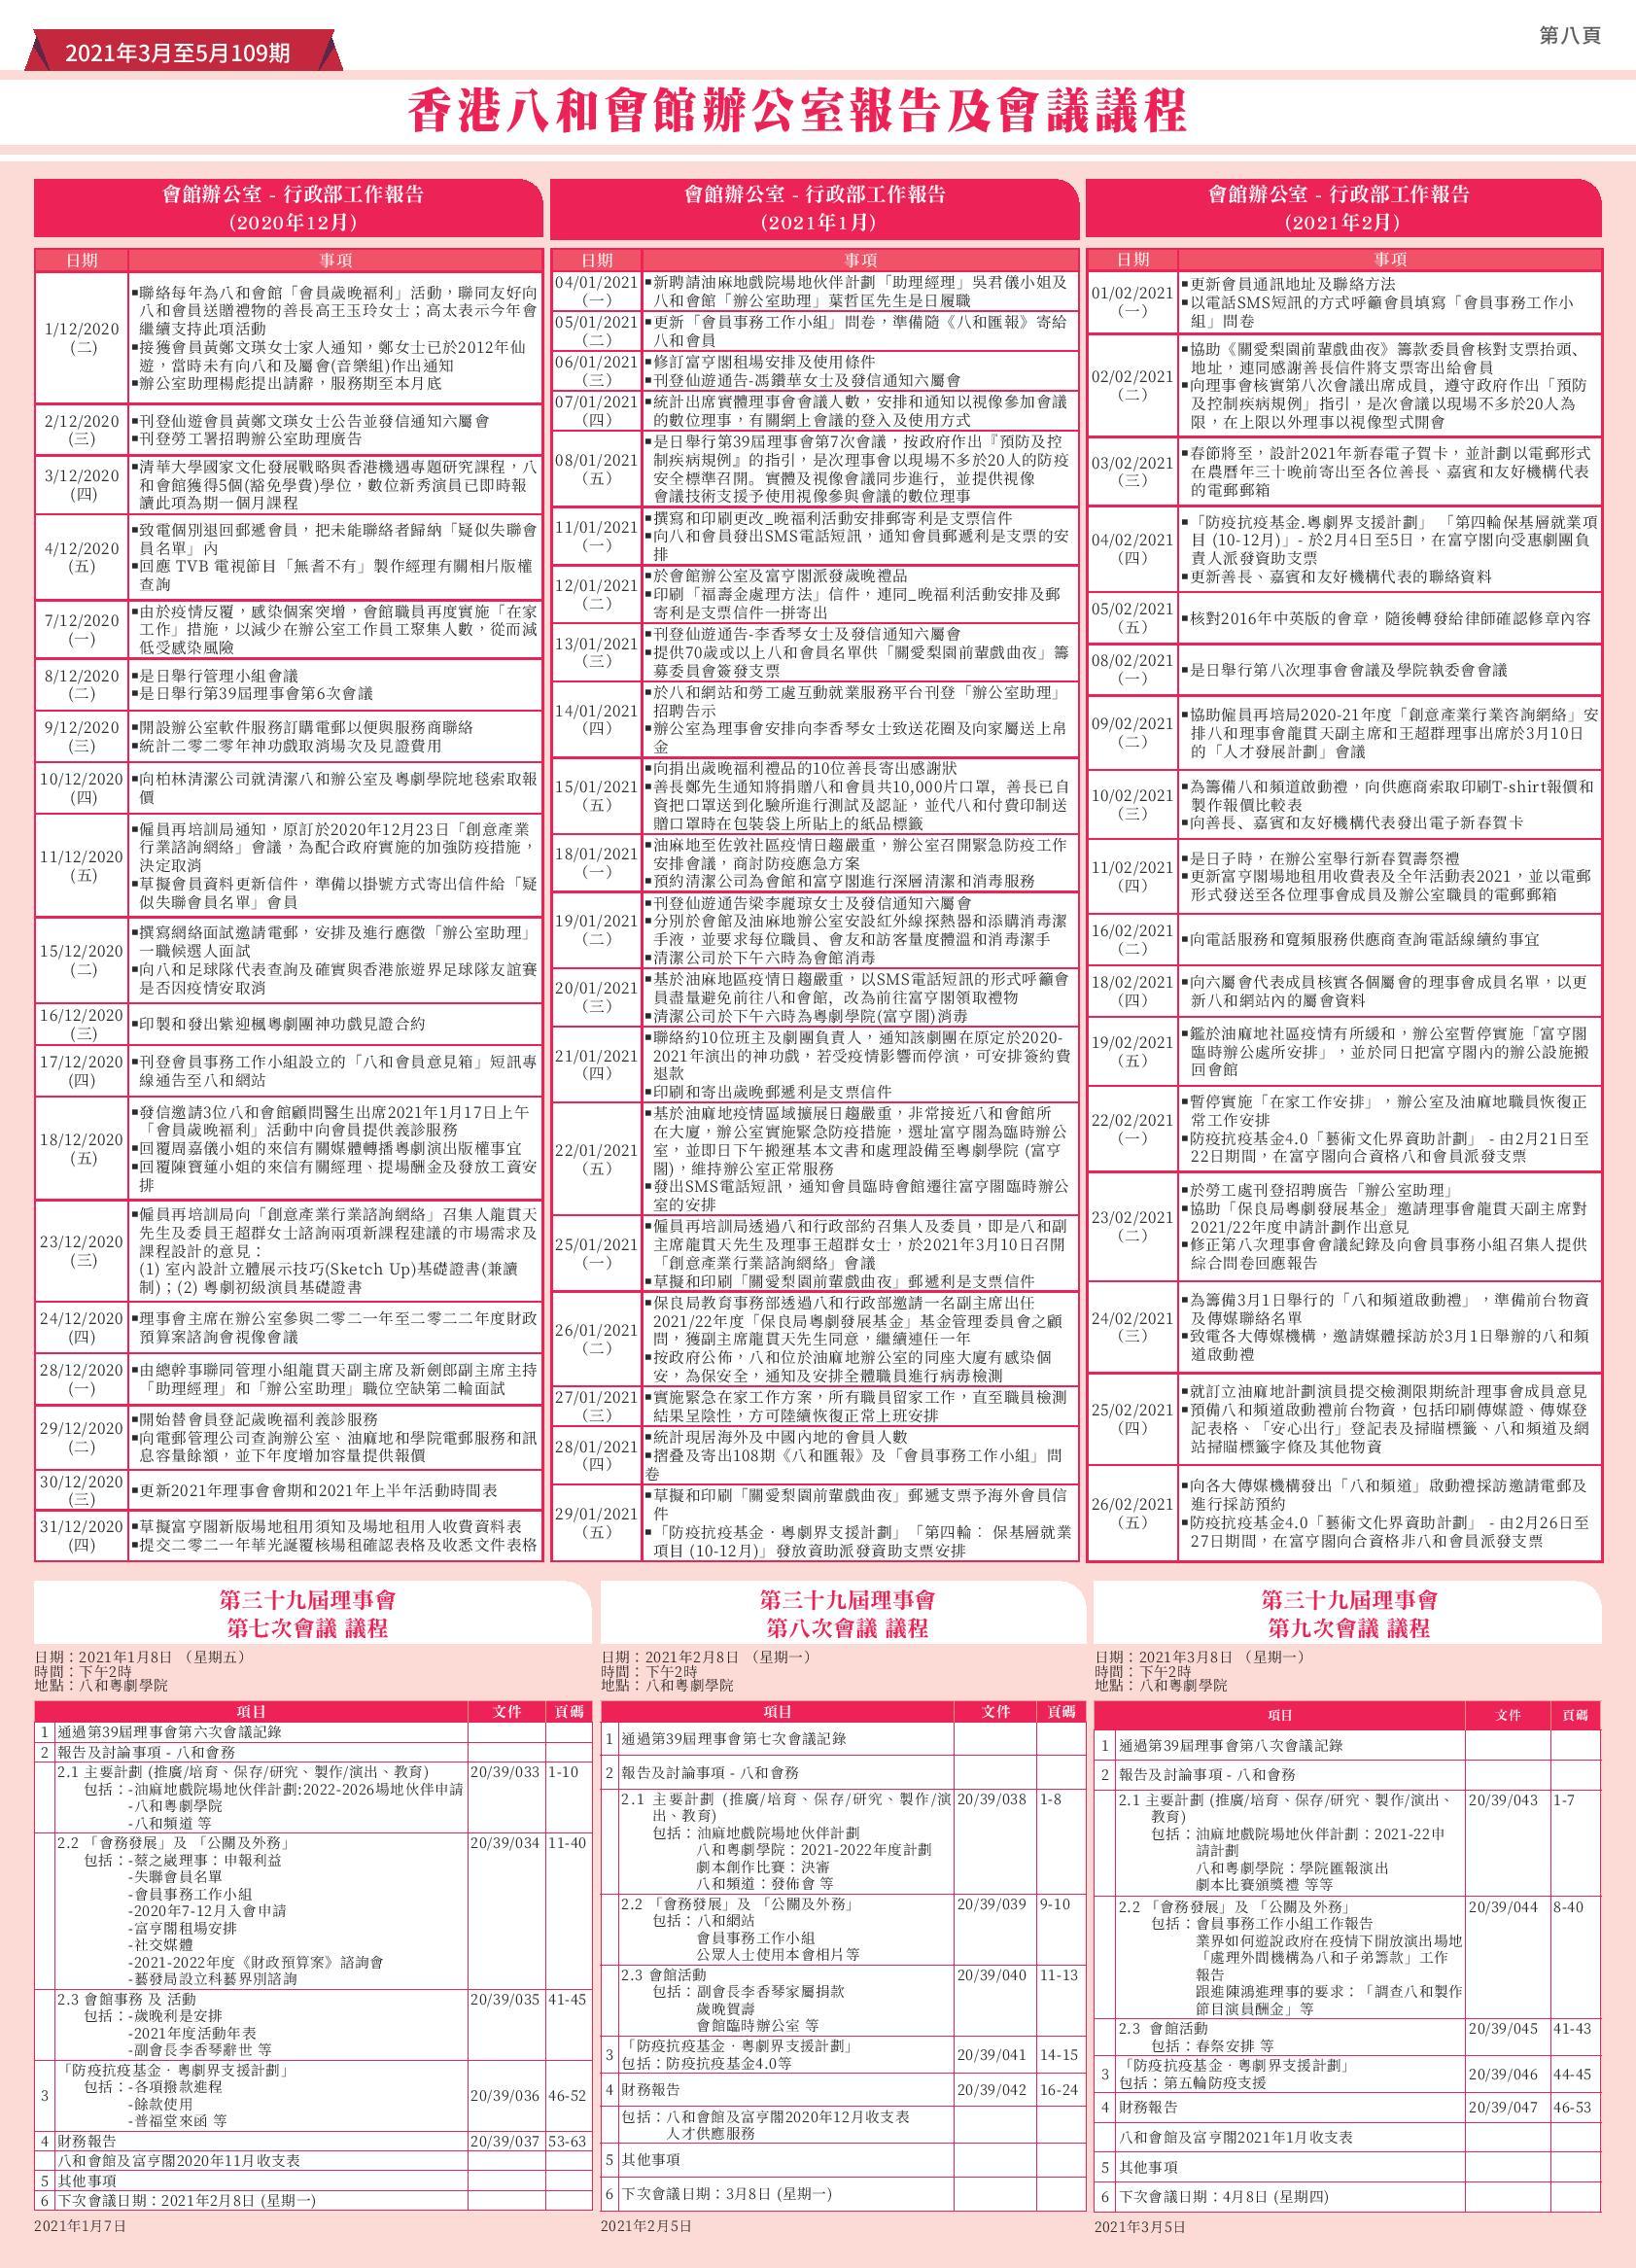 香港八和會館辦公室報告及會議議程